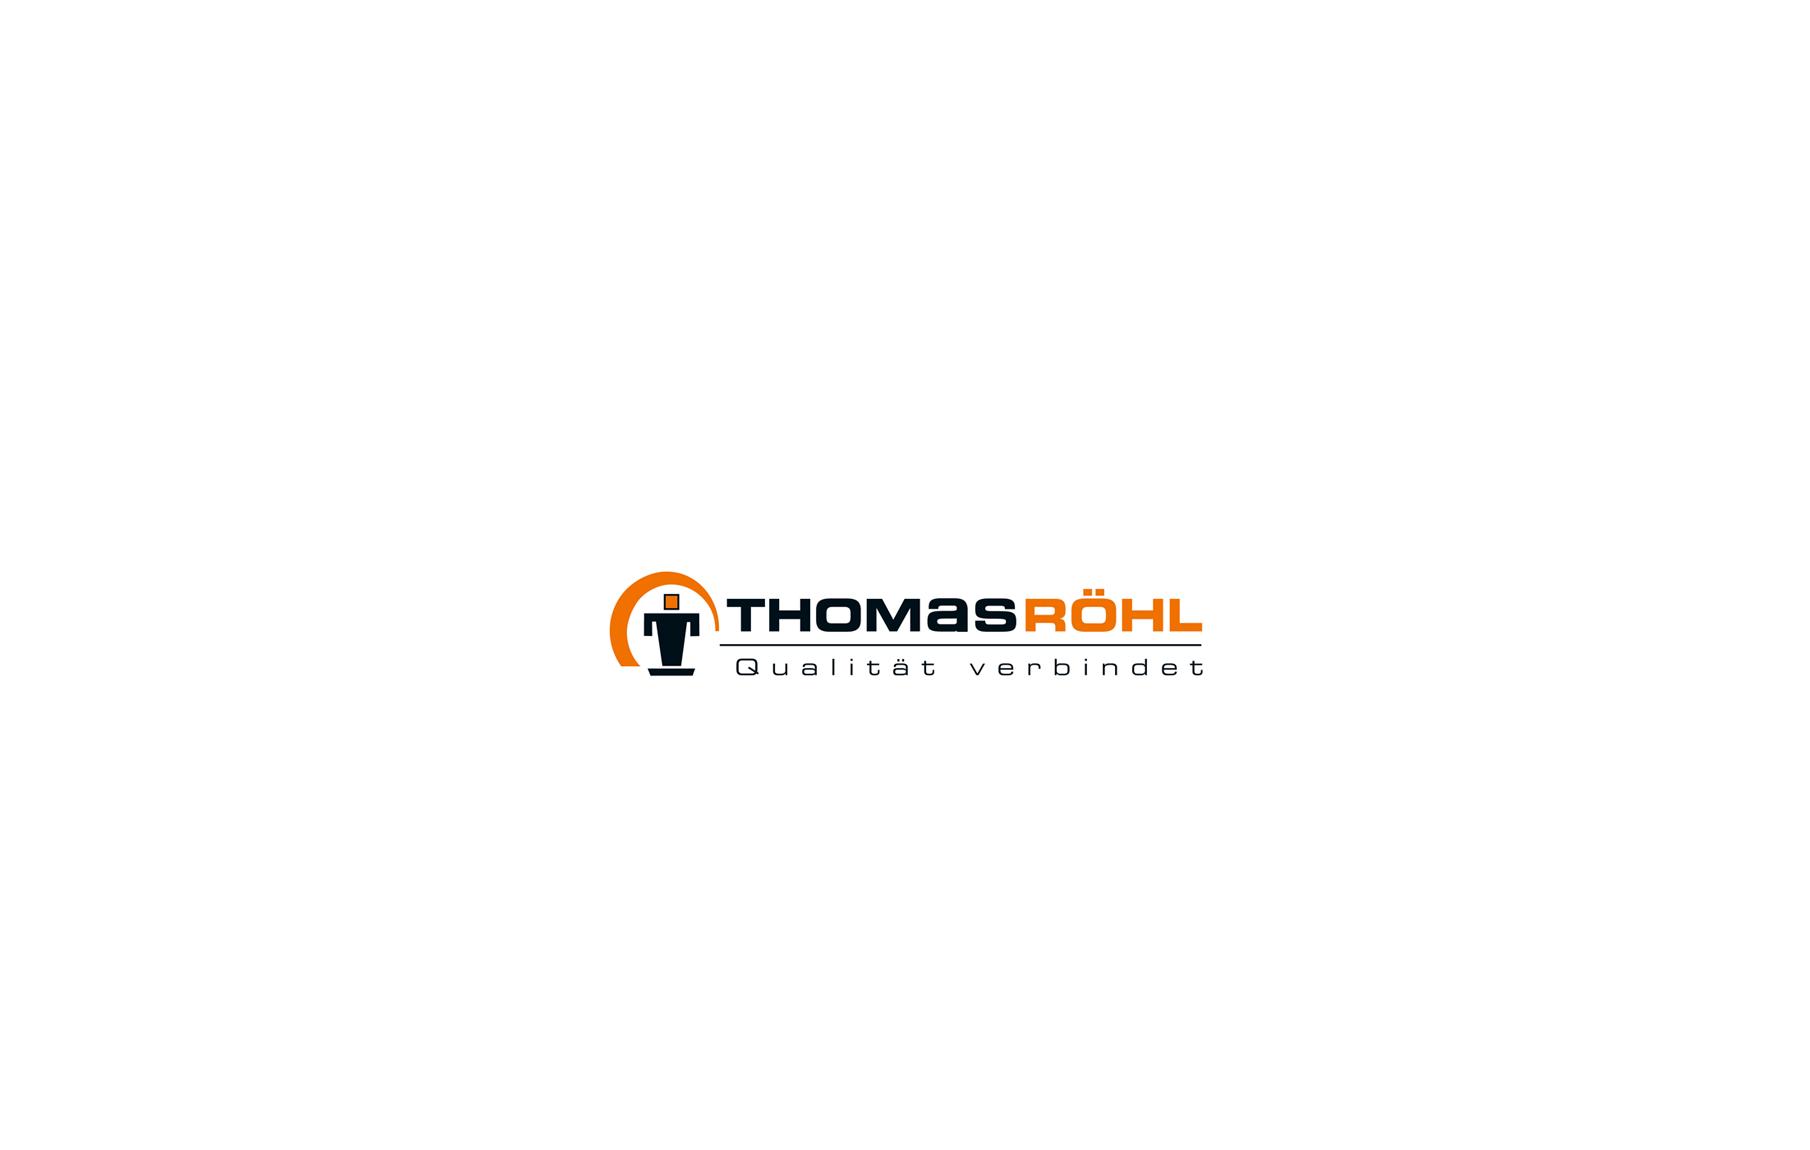 Thomas_Roehl